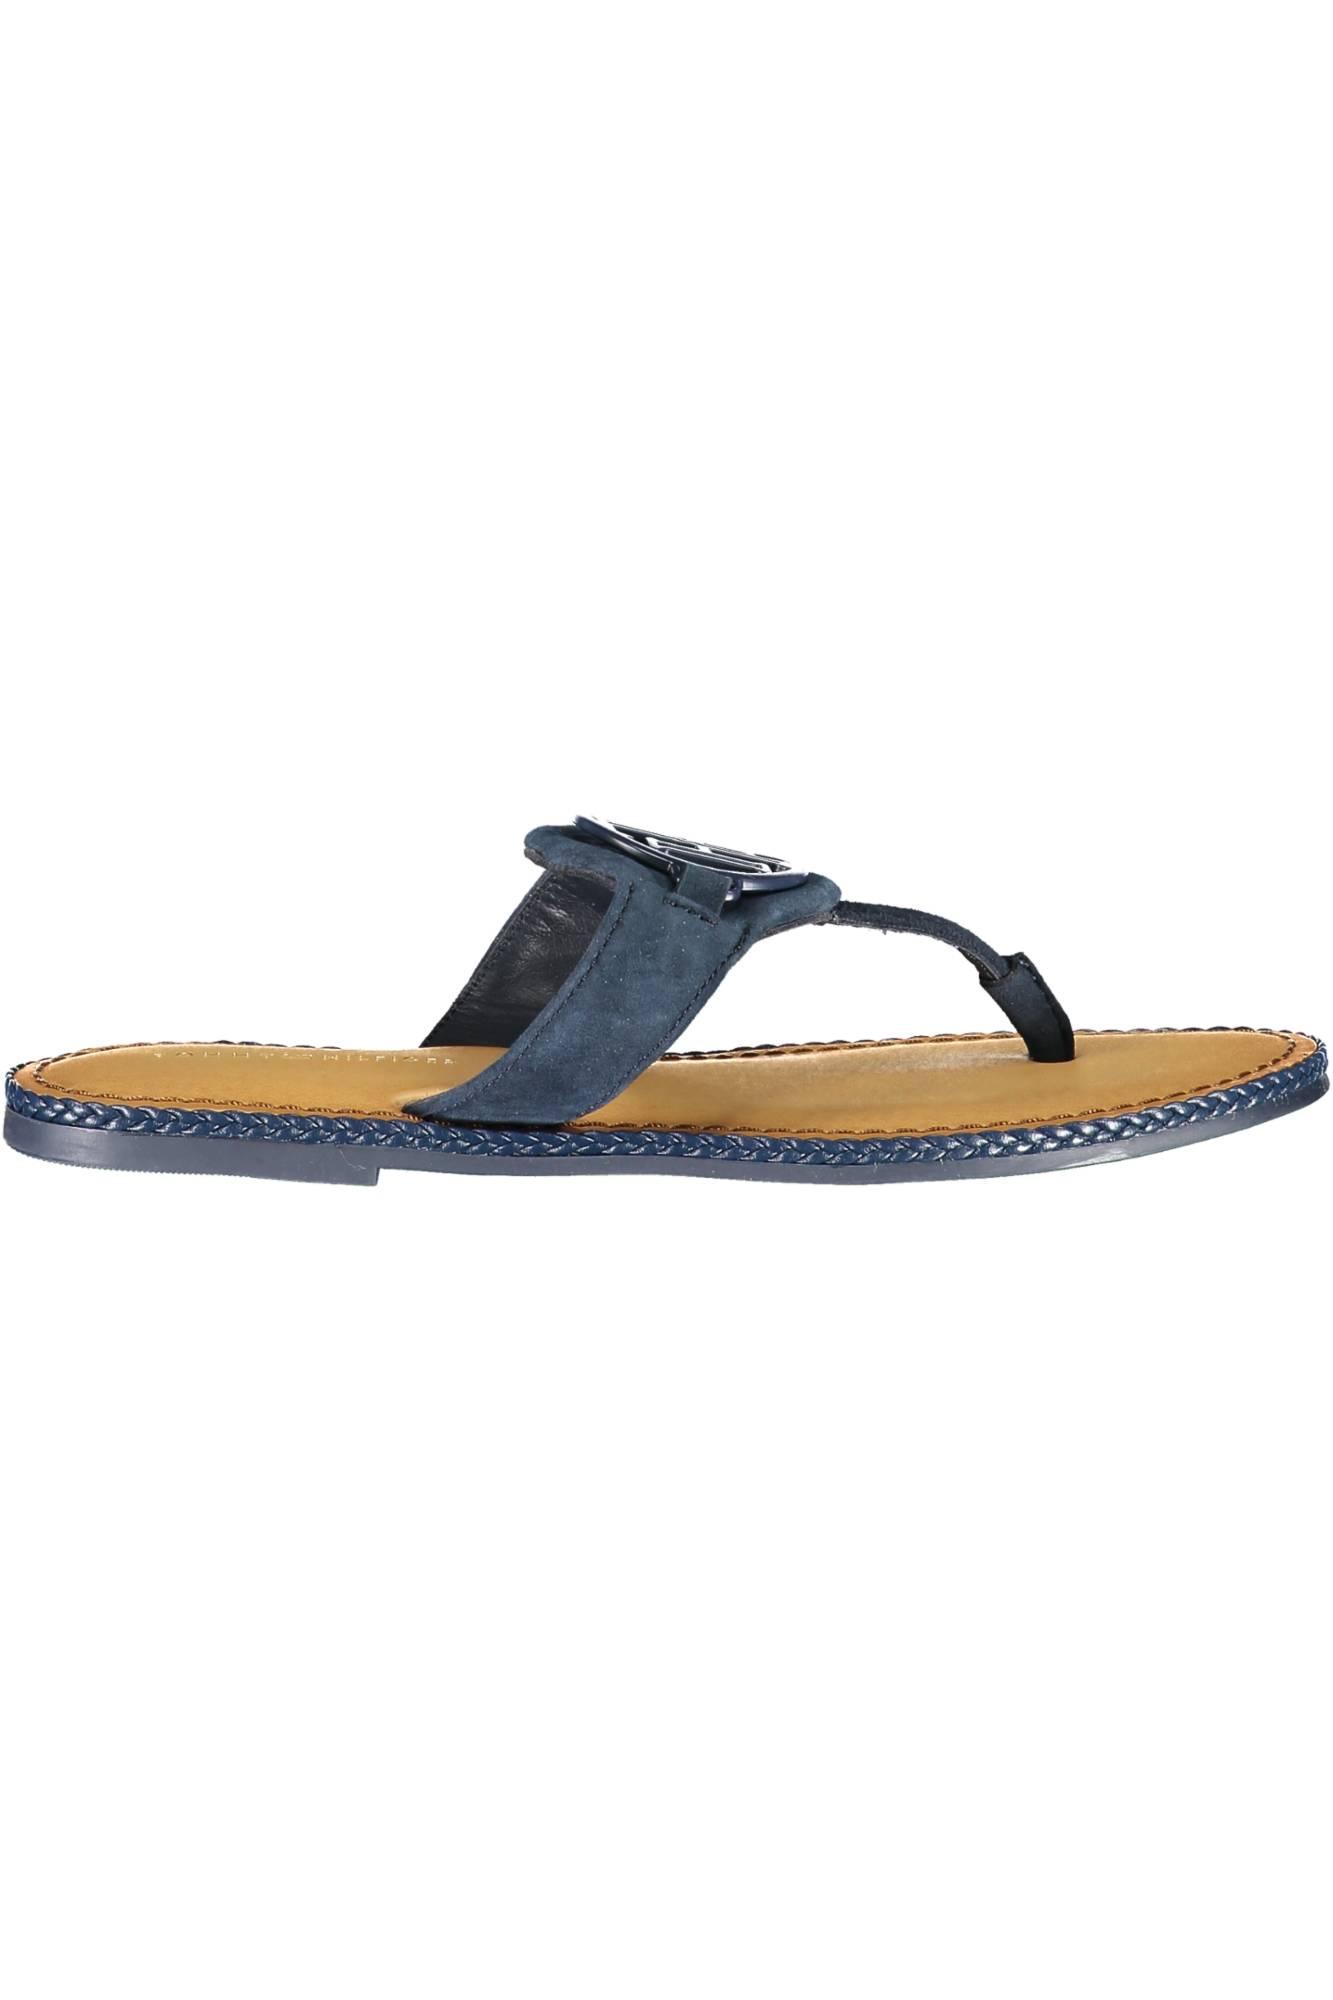 TOMMY HILFIGER sandály BLU